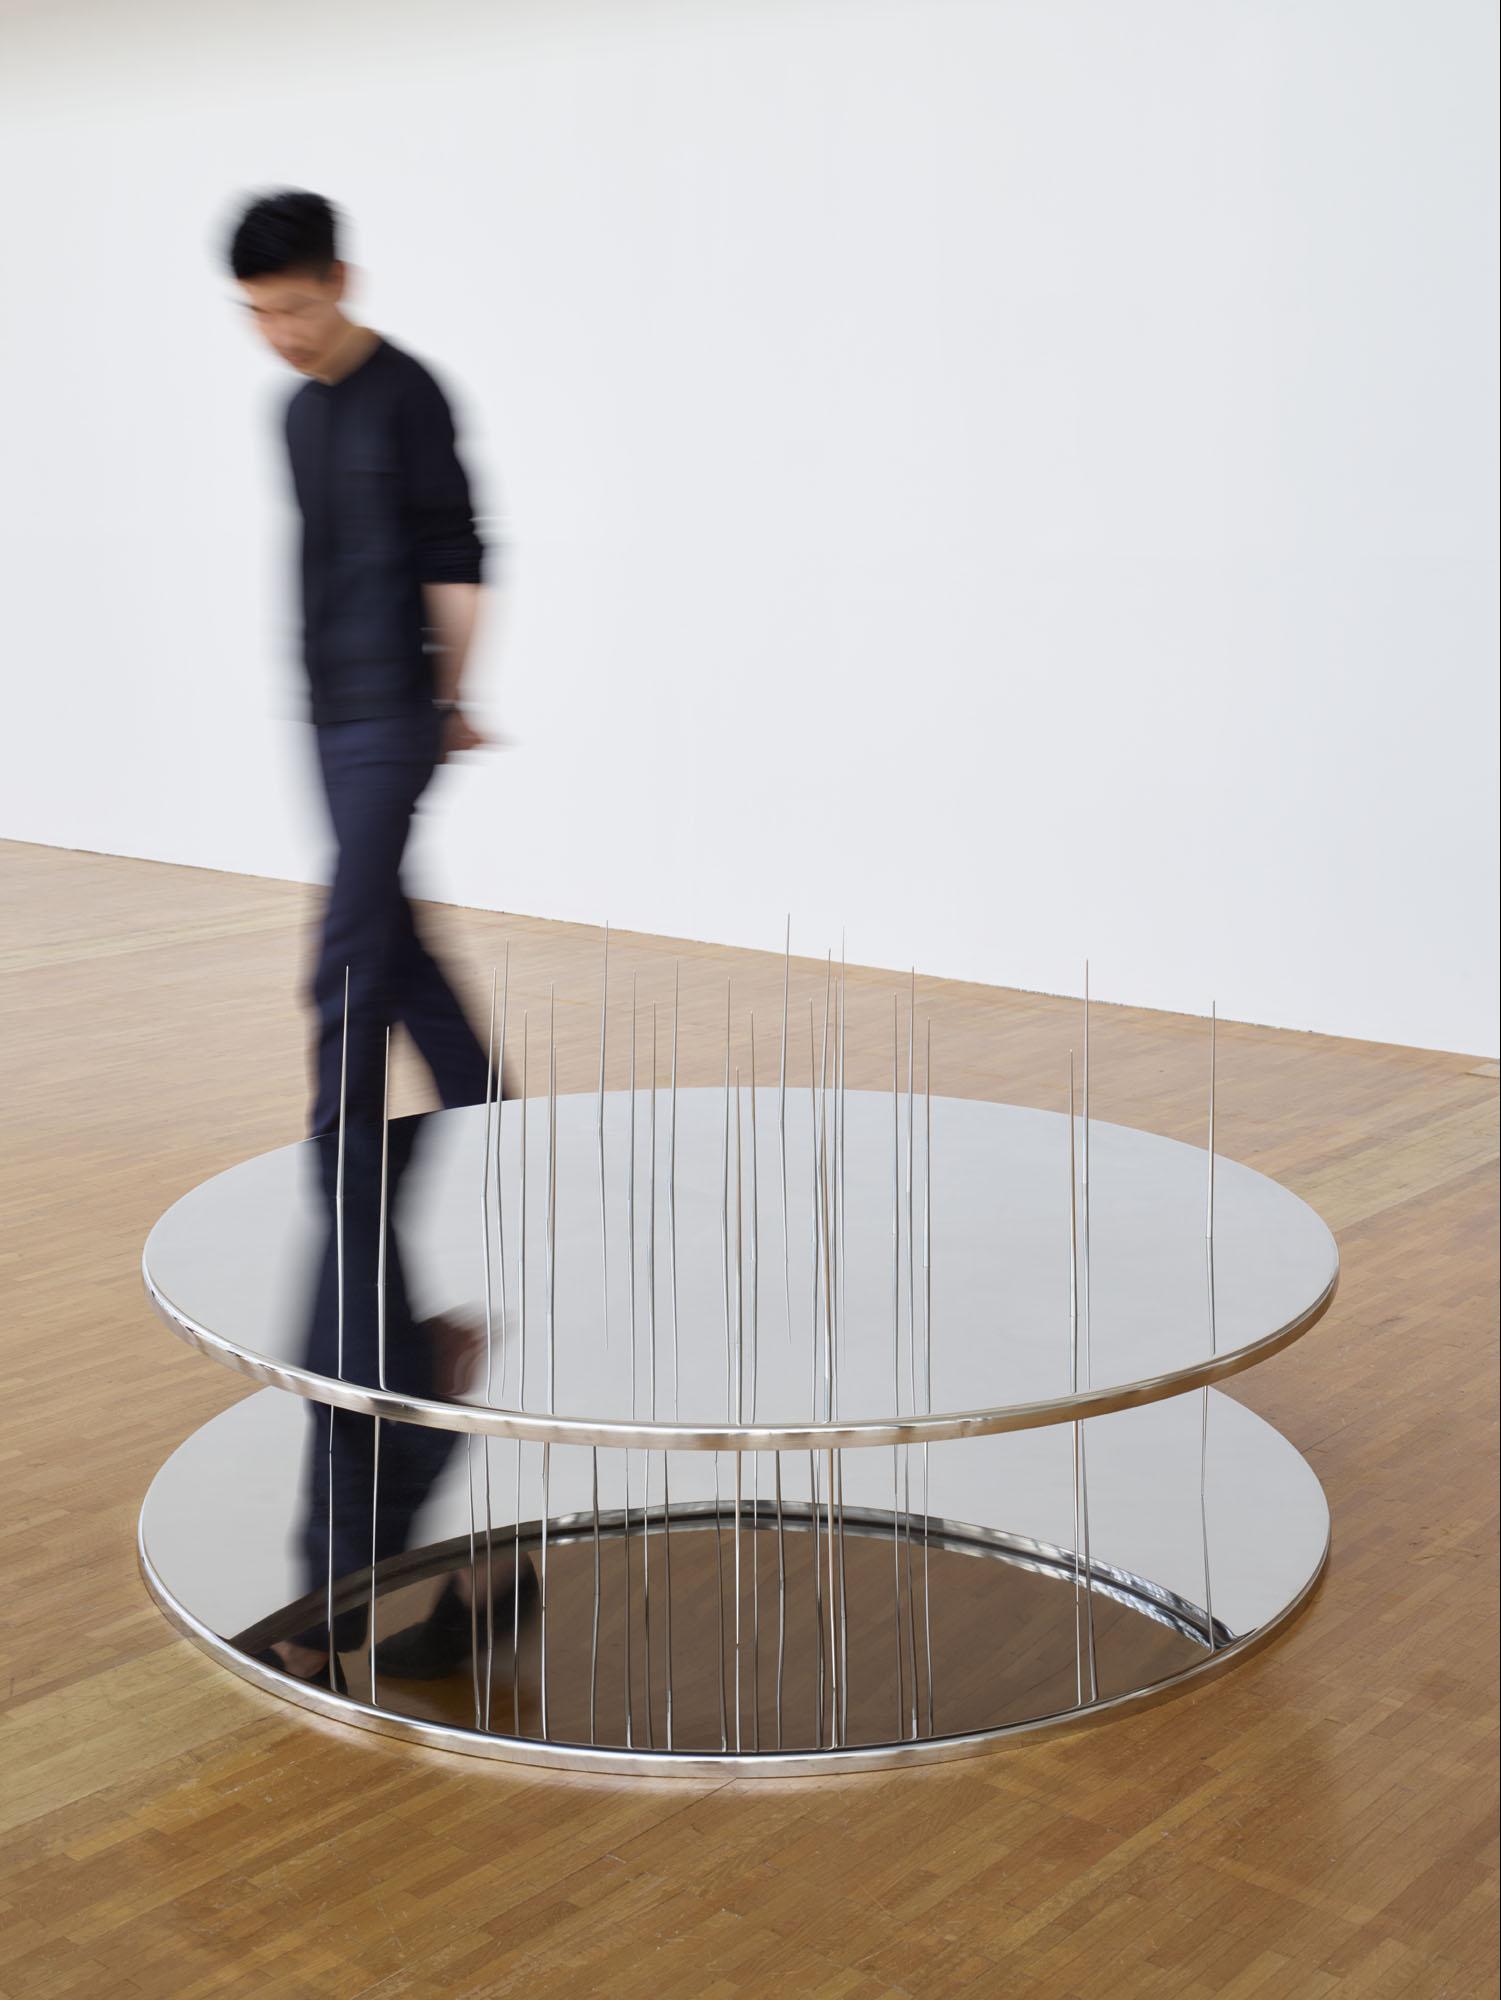 Emmanuel Saulnier, exhibition view, 2017 © Nacása & Partners Inc.